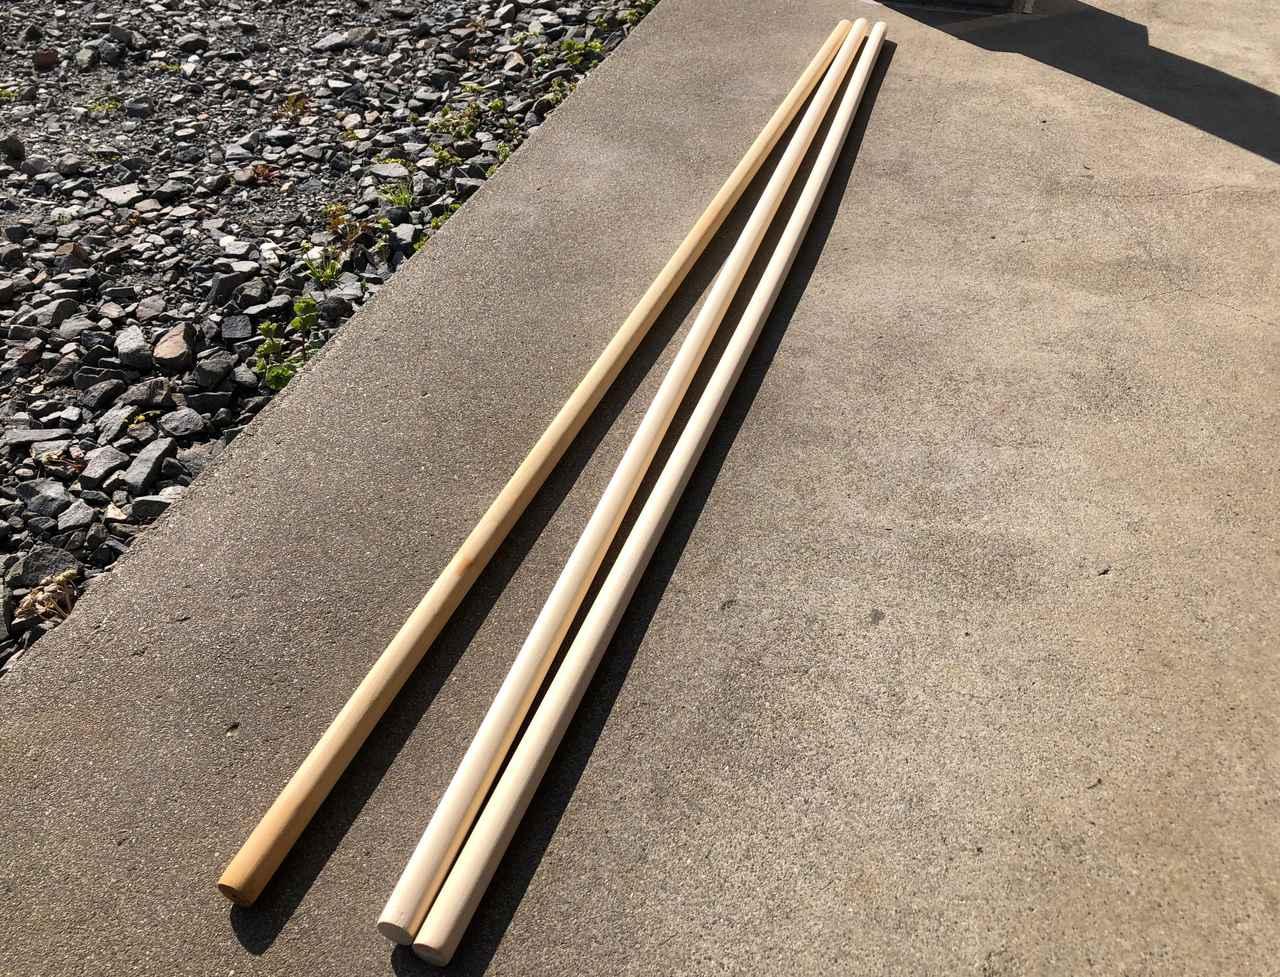 画像: 筆者提供:ホームセンターの木材コーナーで購入した丸棒